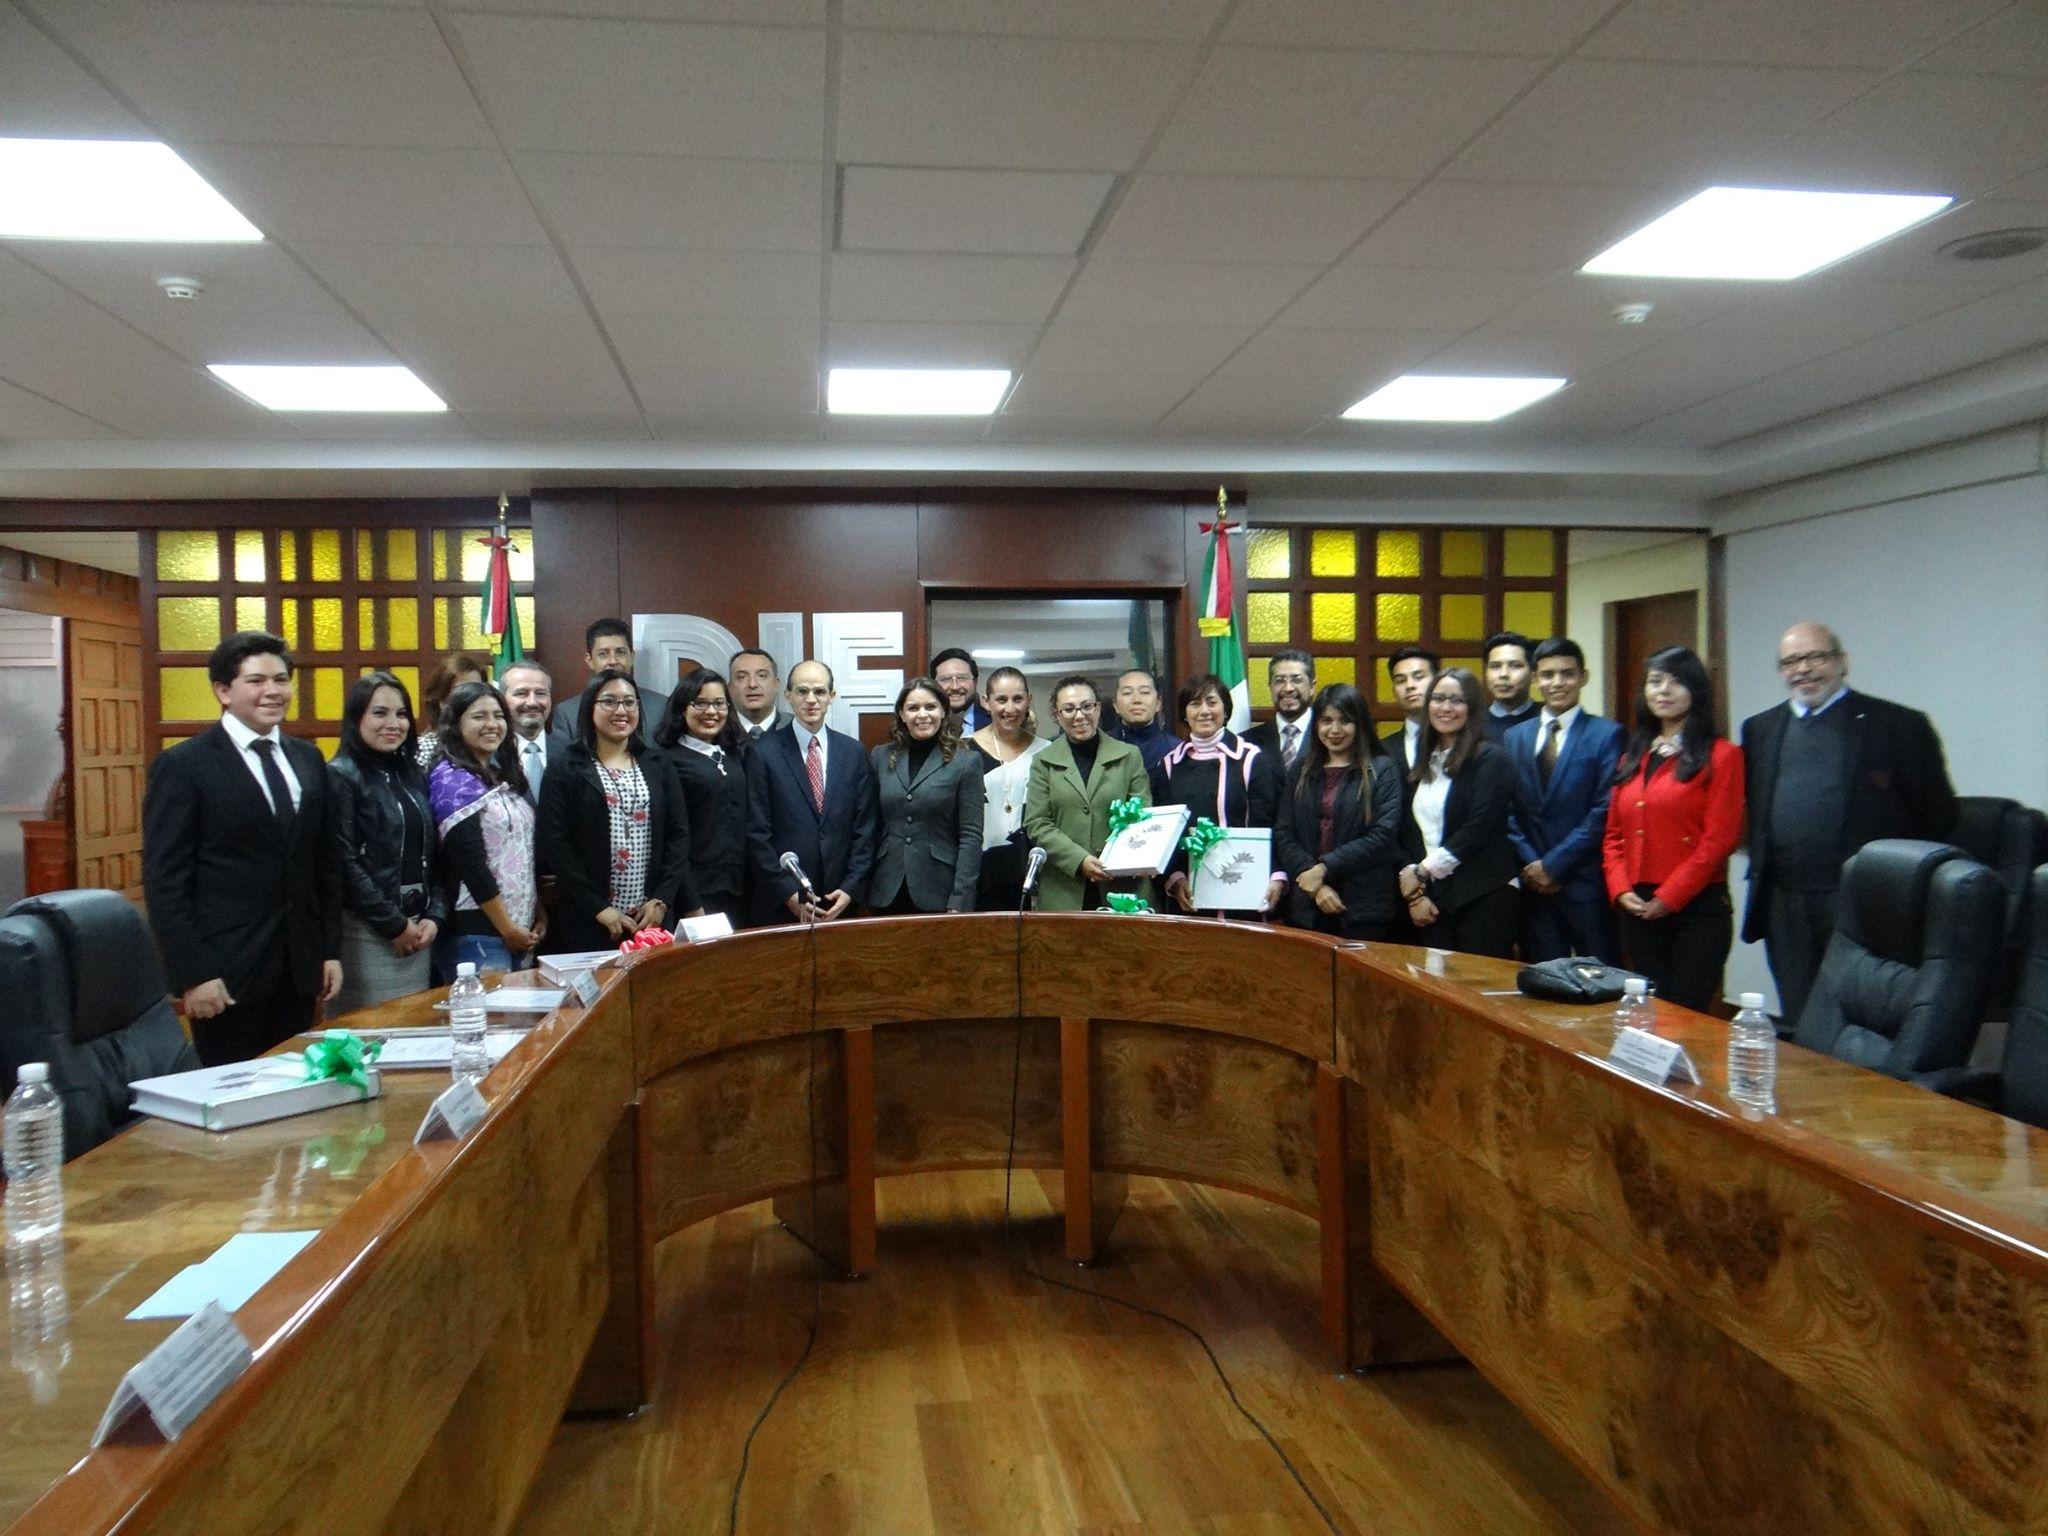 Comunidad UNITEC hace de Cobíjalos 2017 todo un éxito - Featured Image